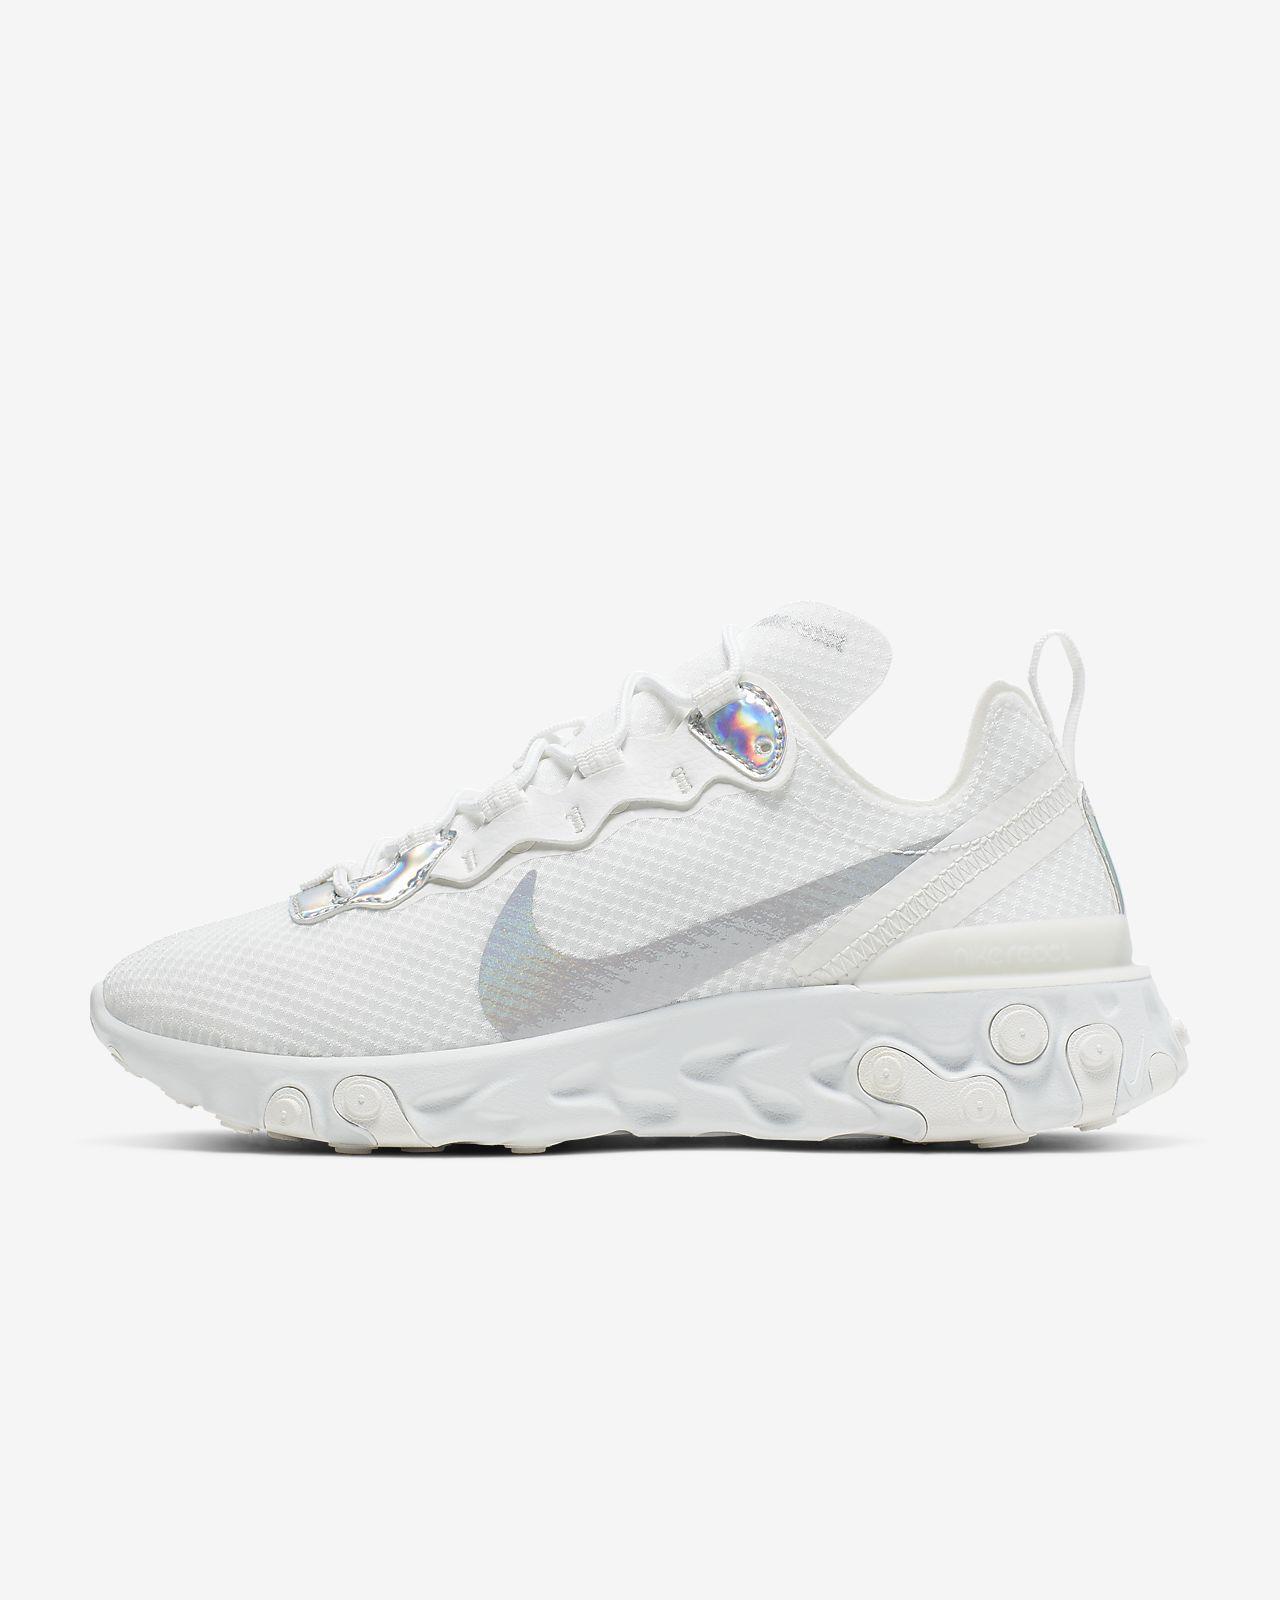 Nike React Element 55 Parlak Kadın Ayakkabısı